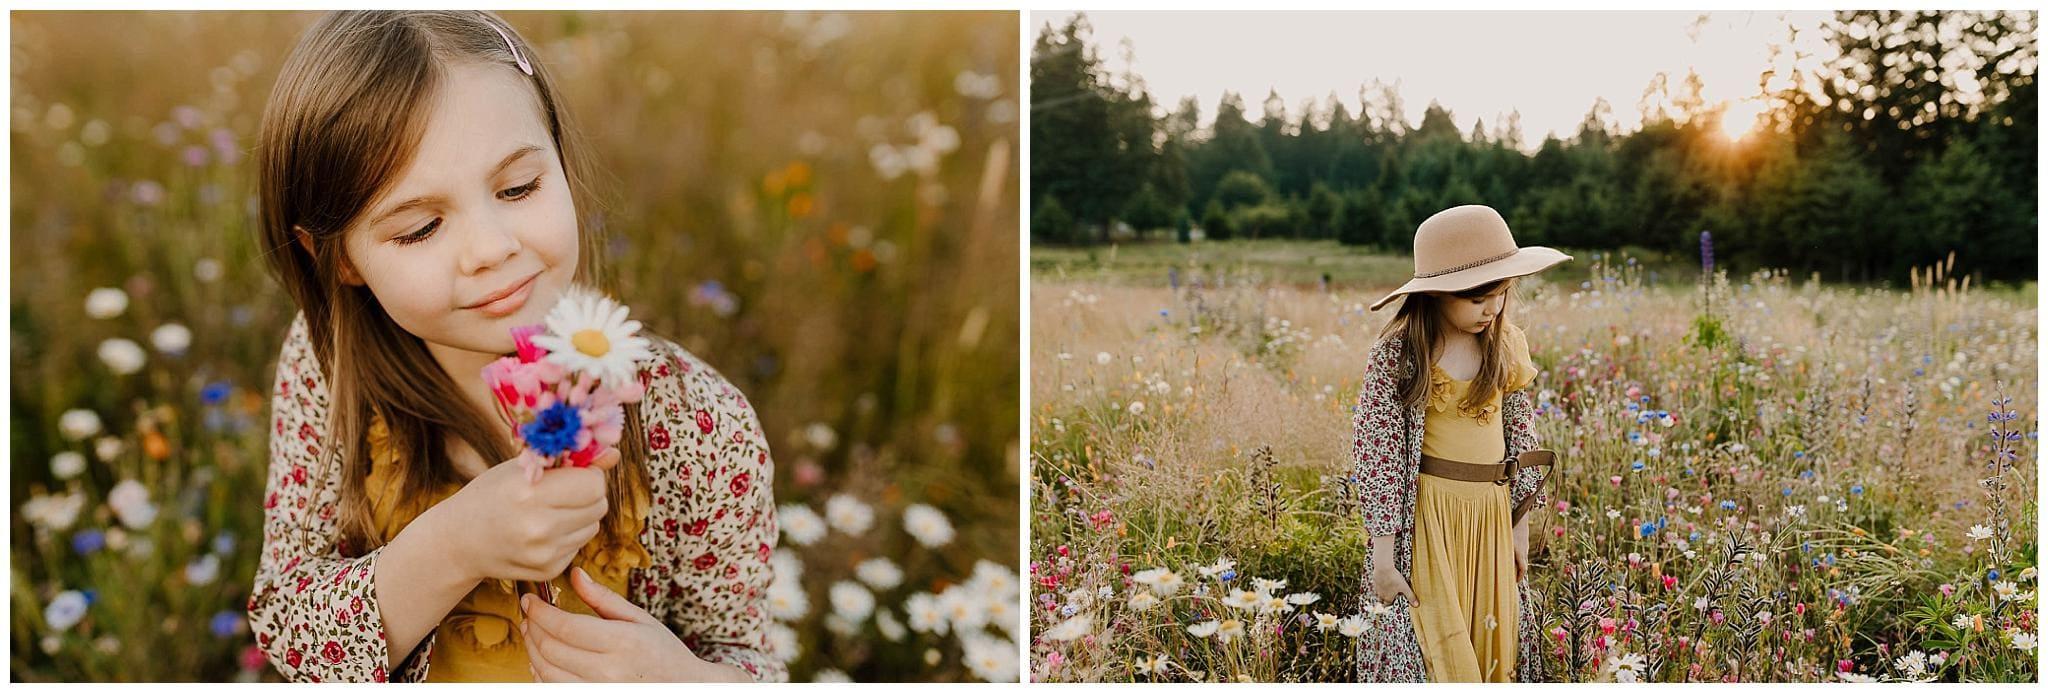 Little girl smelling flowers in a wildflower field in portland